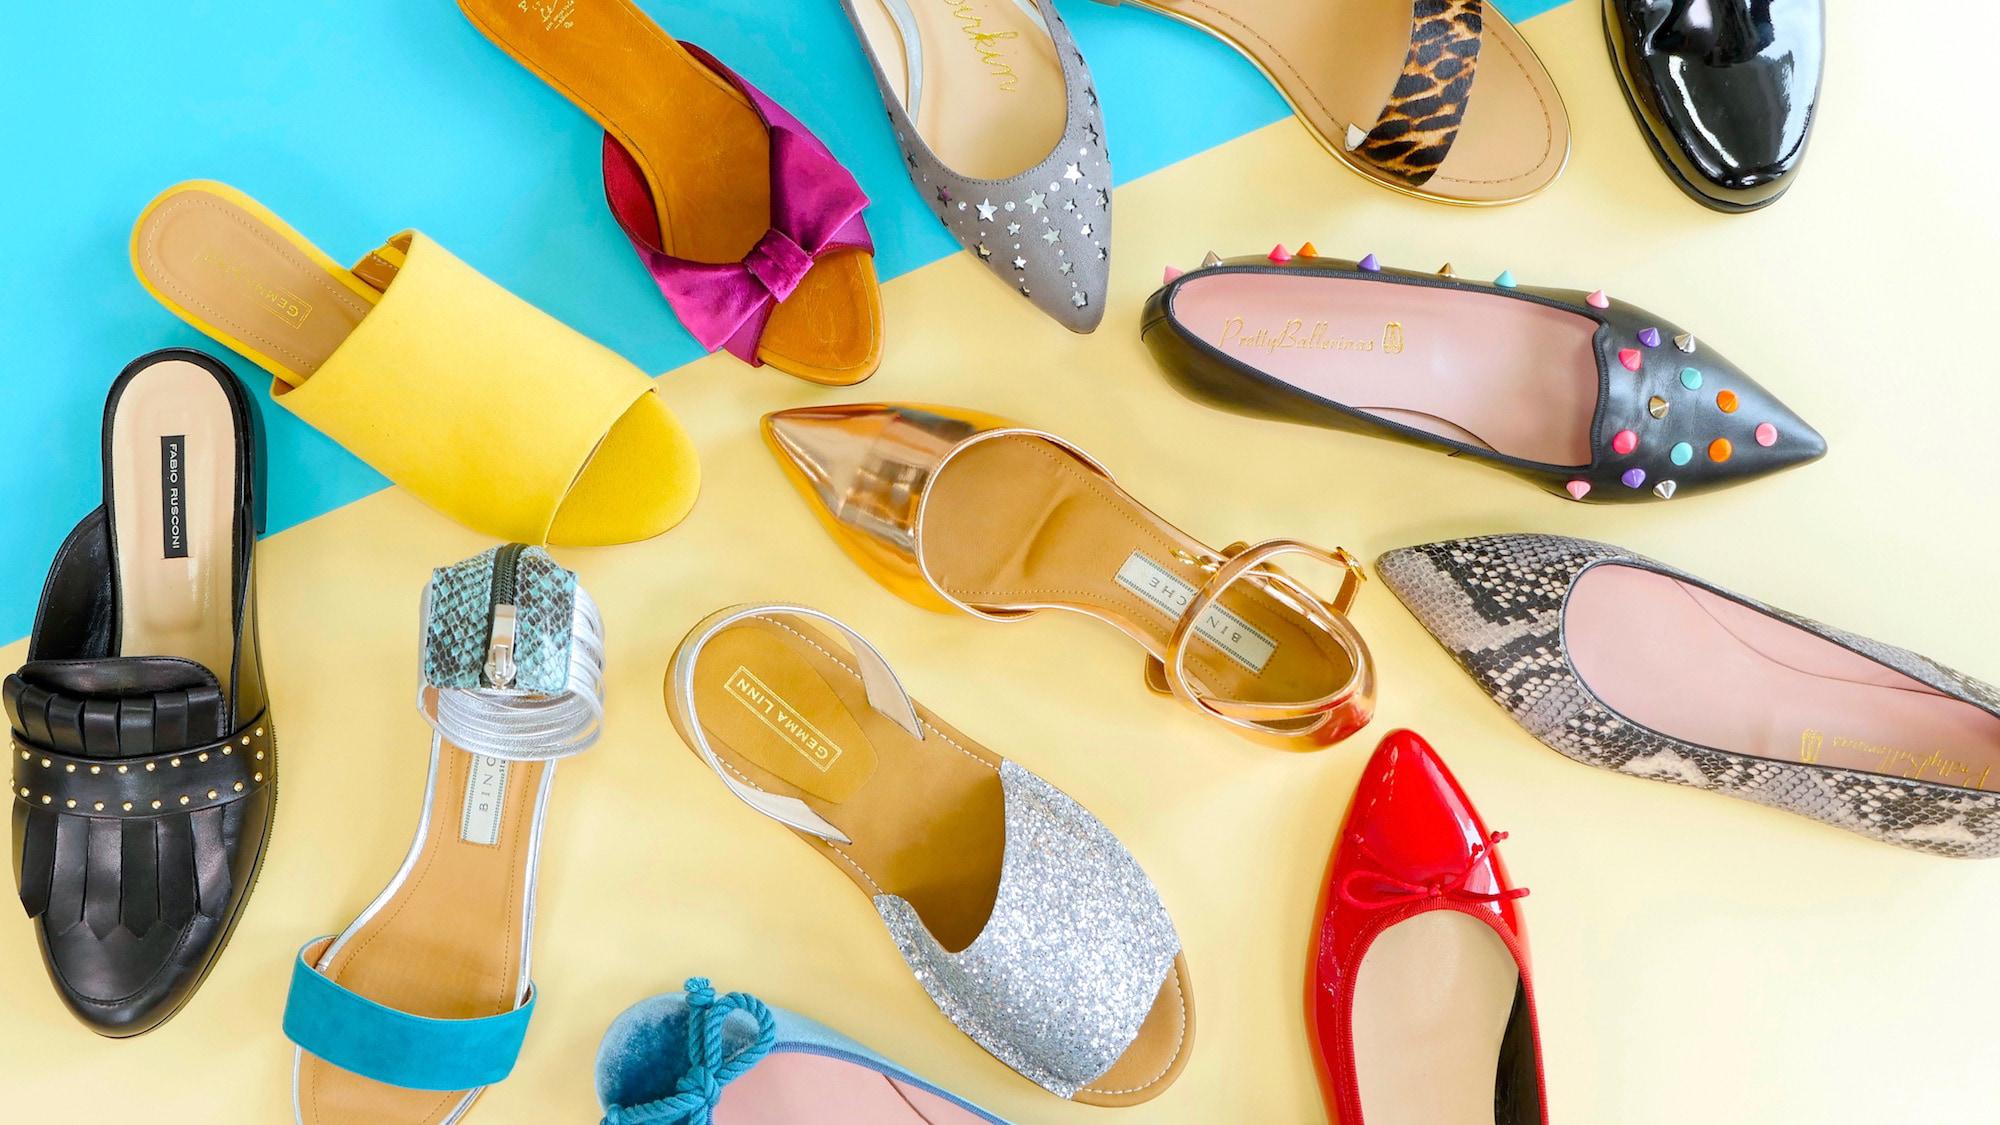 オシャレと快適さ両方を叶えたいあなたへ、夏の足元を飾るフラットシューズ特集